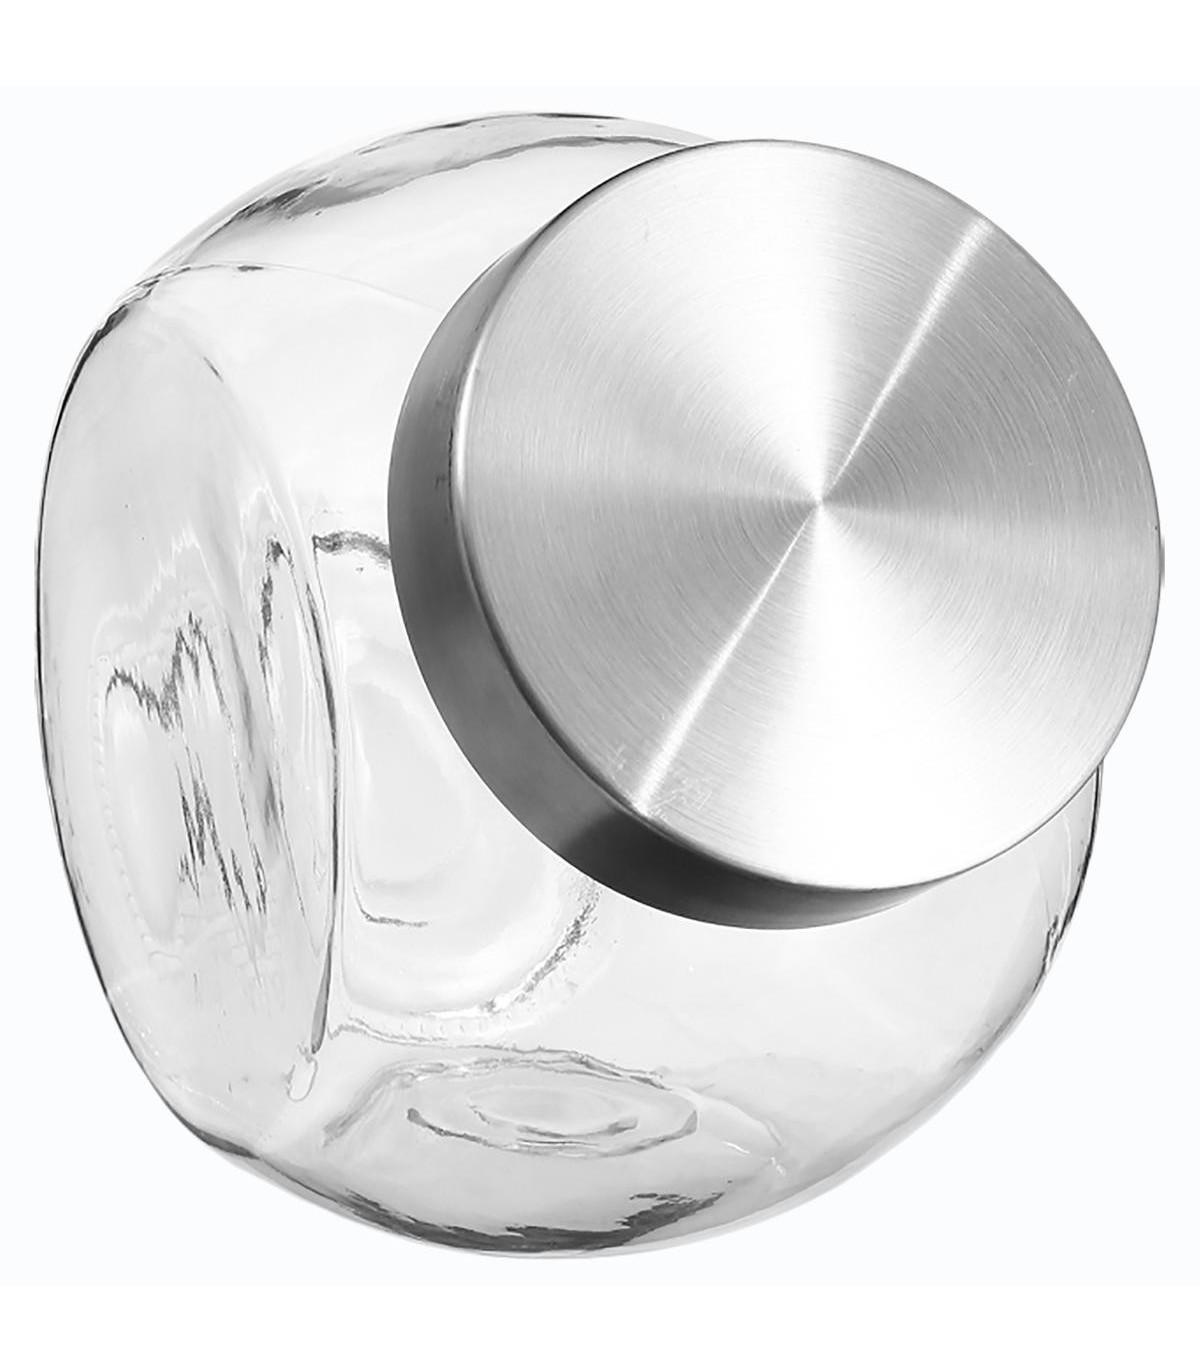 bocal-a-bonbons-en-verre-et-inox-21l